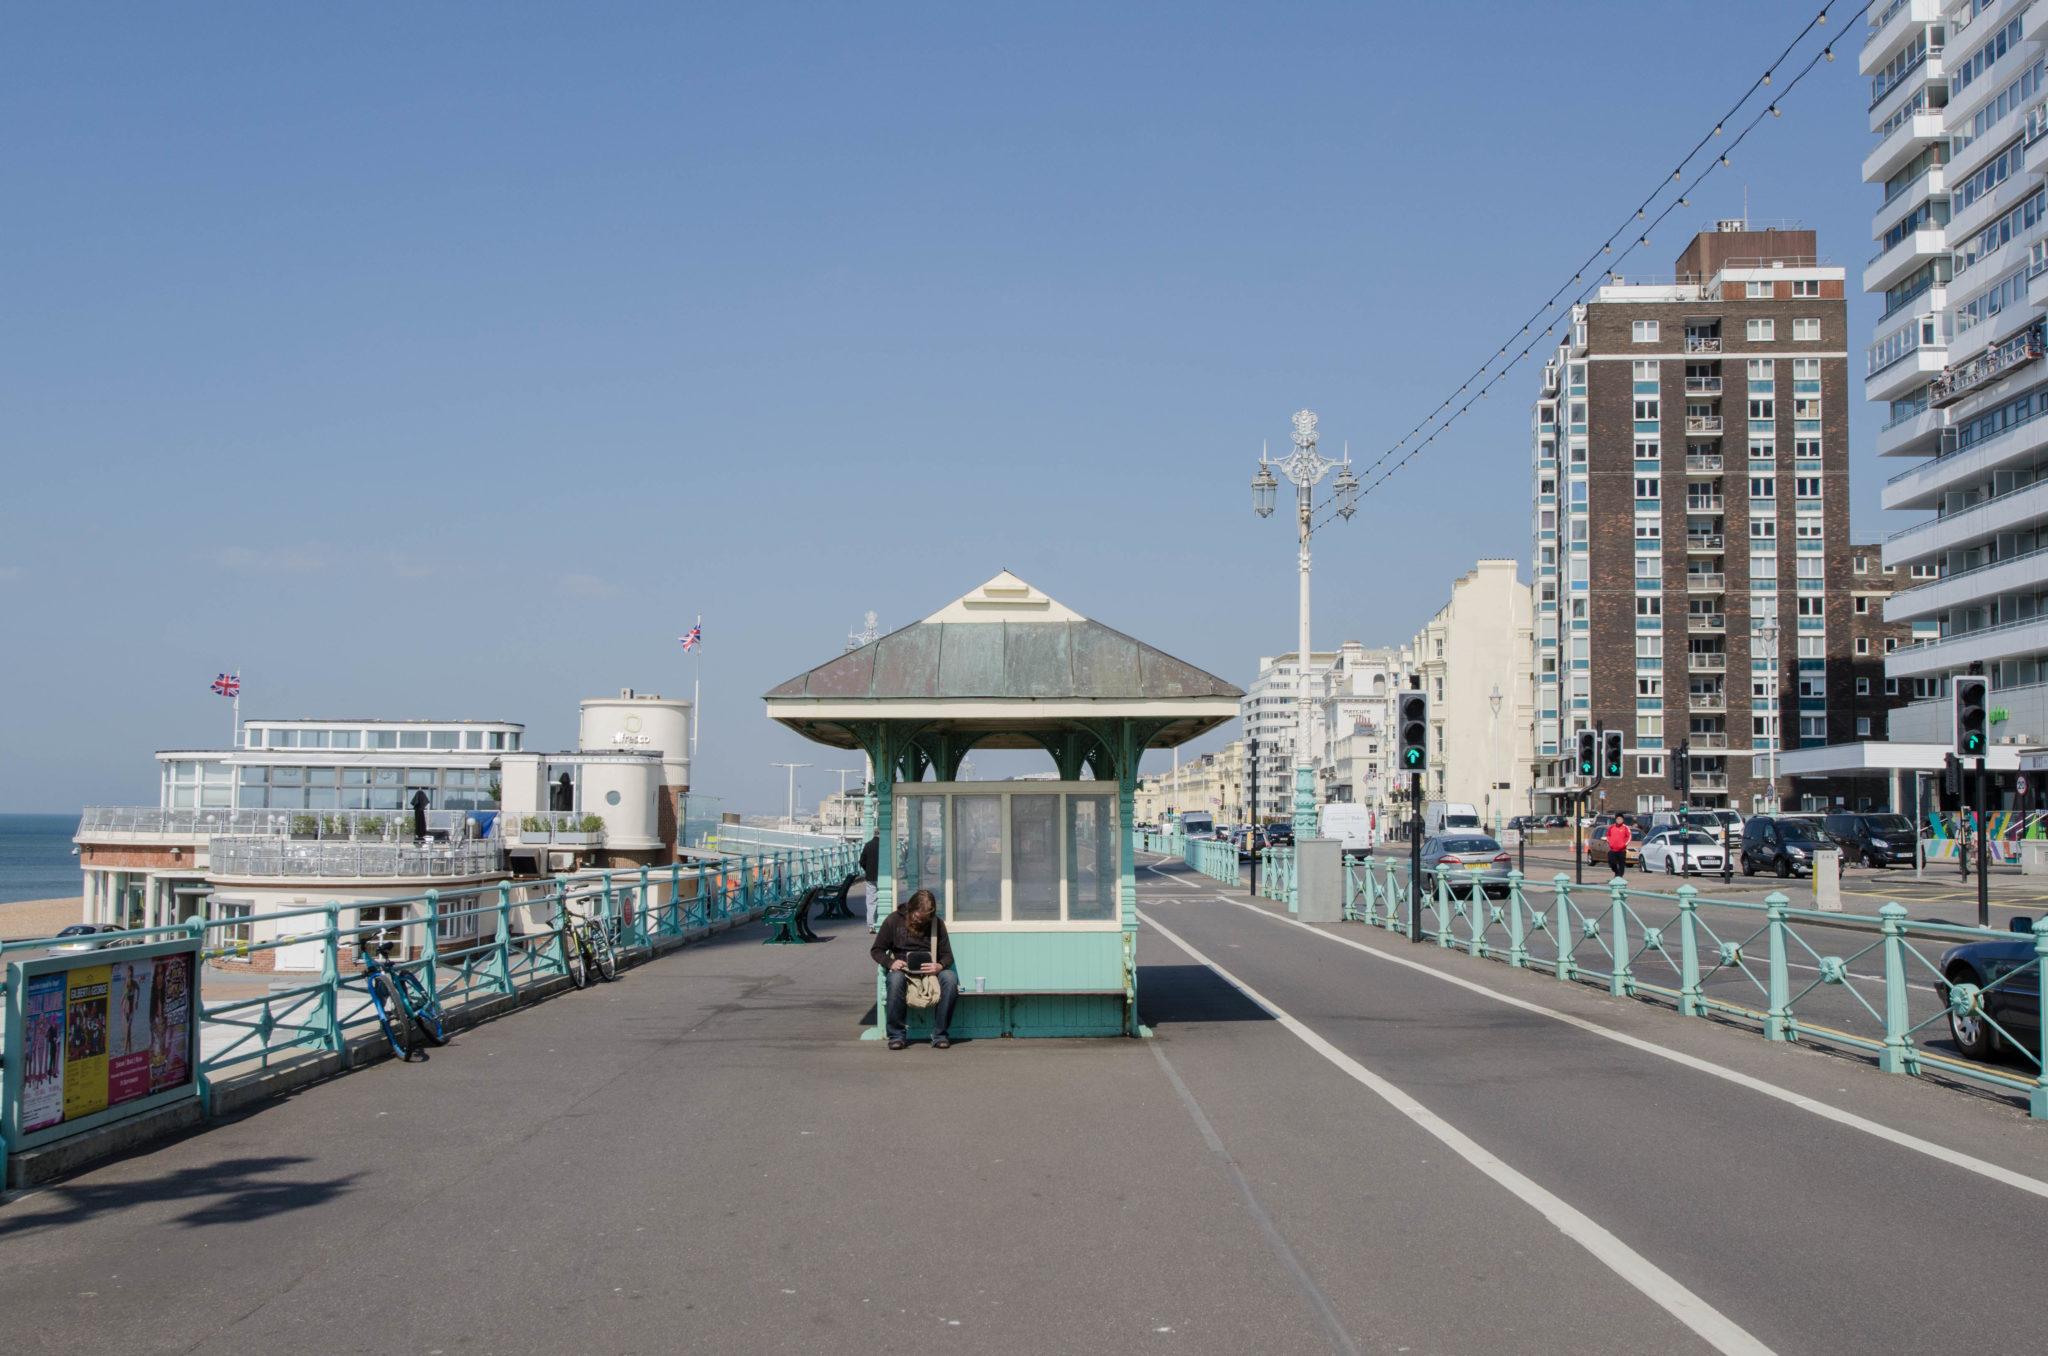 Am Strand von Brighton kann man gut spazieren gehen.